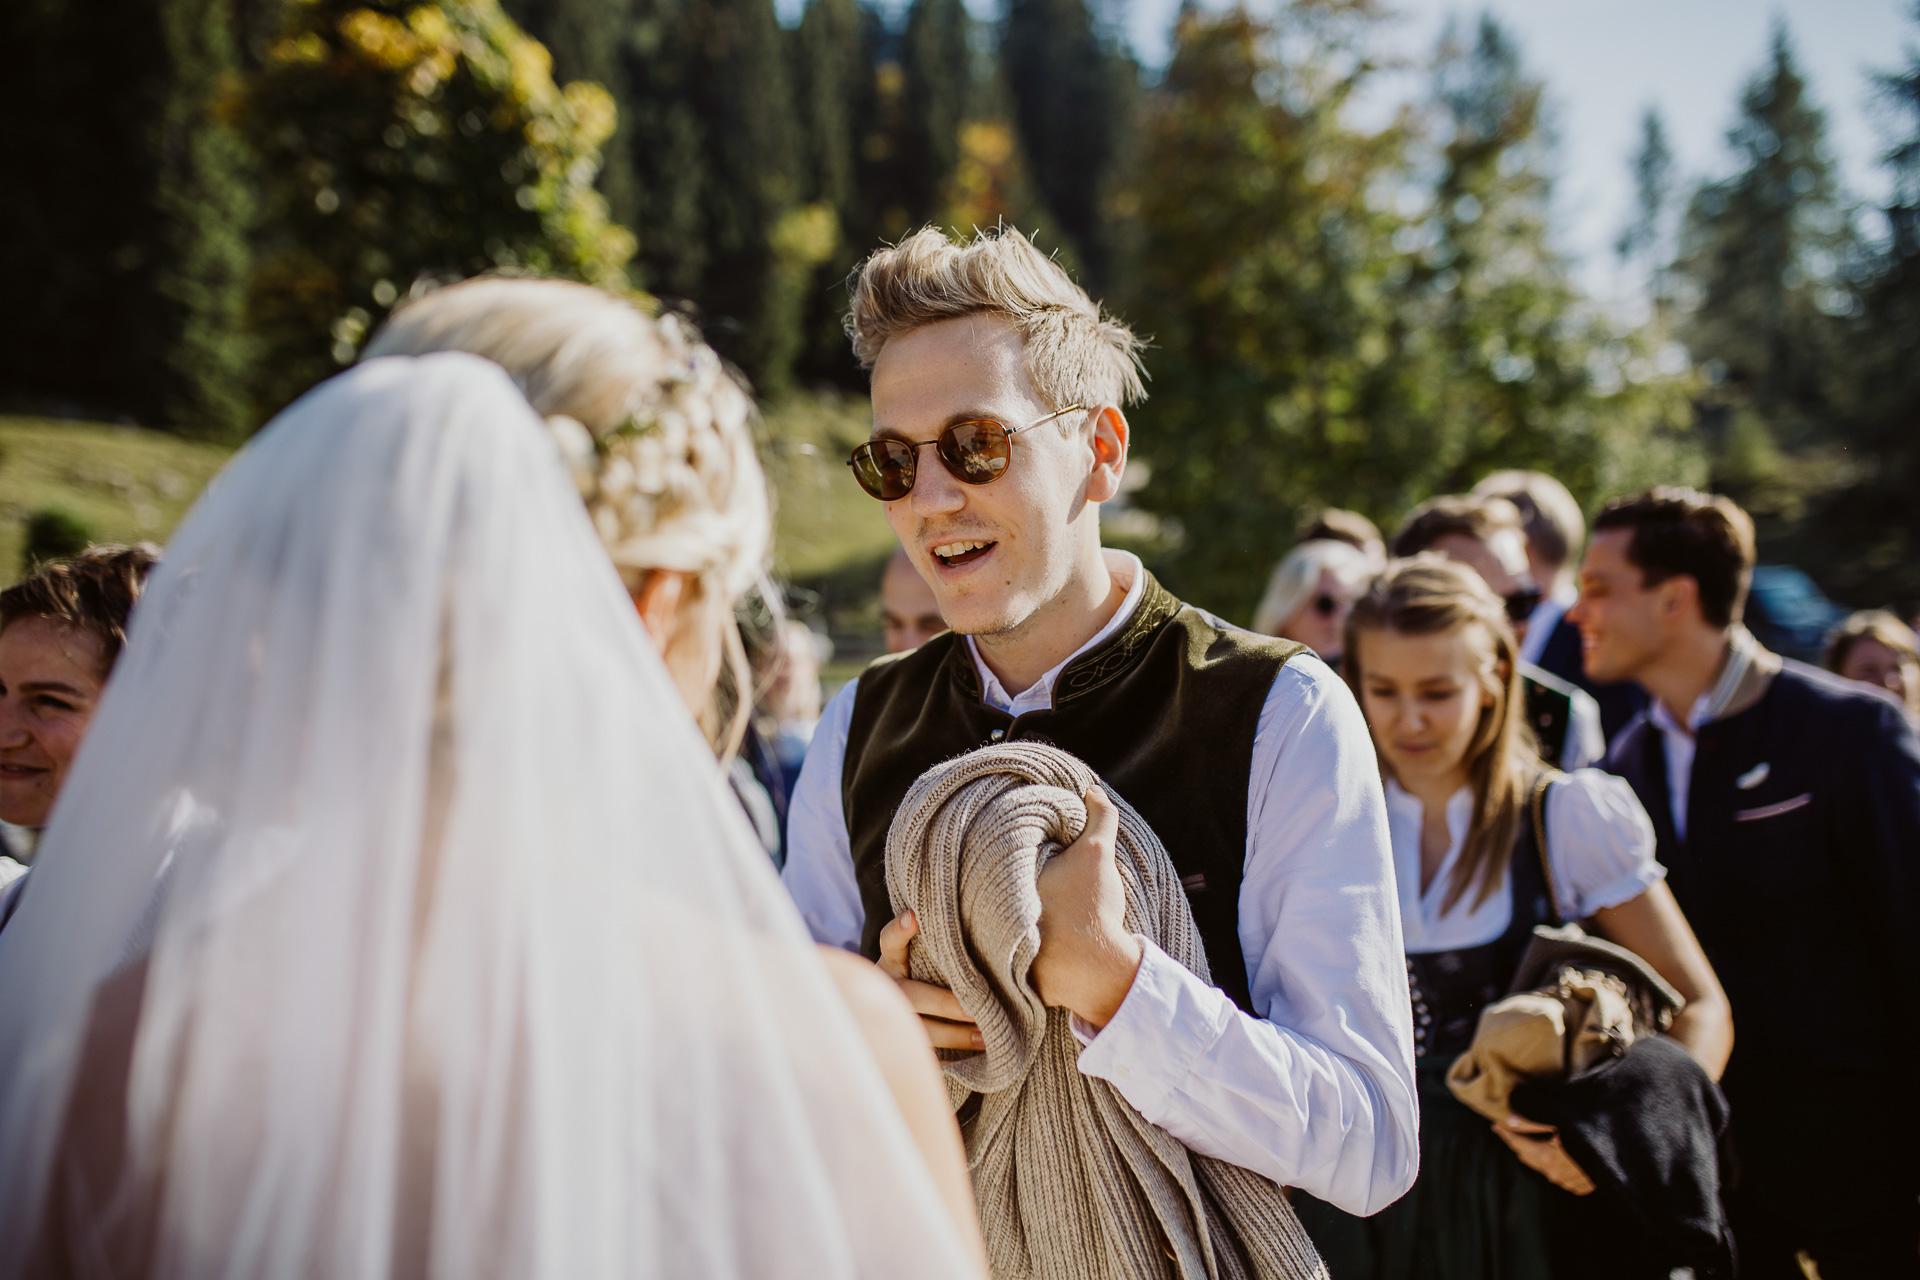 Alexander Utz, Fotografie, Hochzeit, Augsburg, Brautkleid, Brautstrauss-55